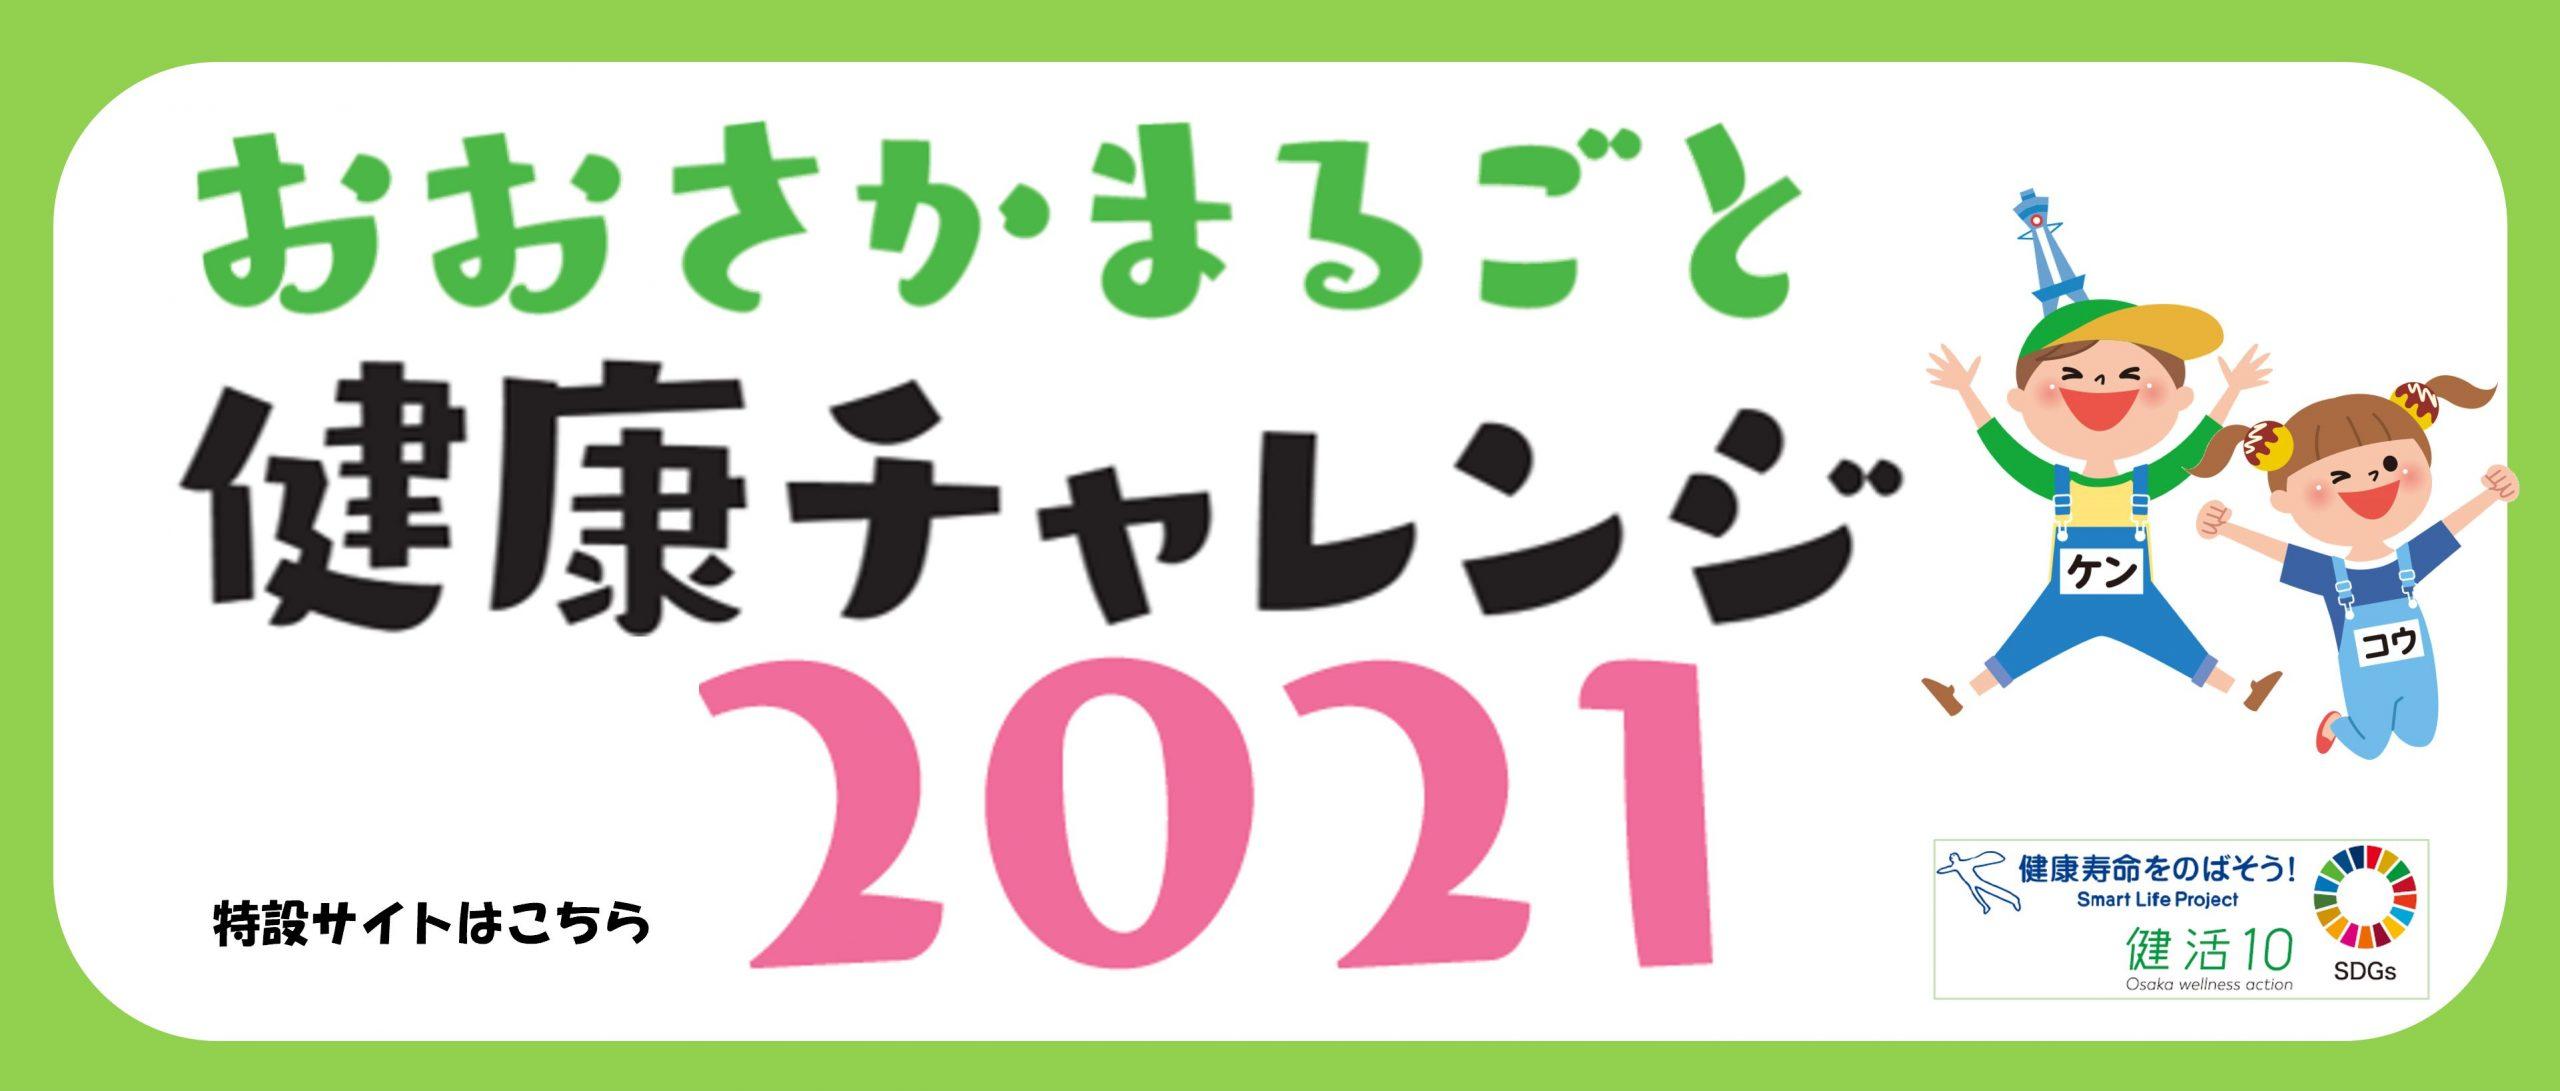 おおさかまるごと健康チャレンジ2020